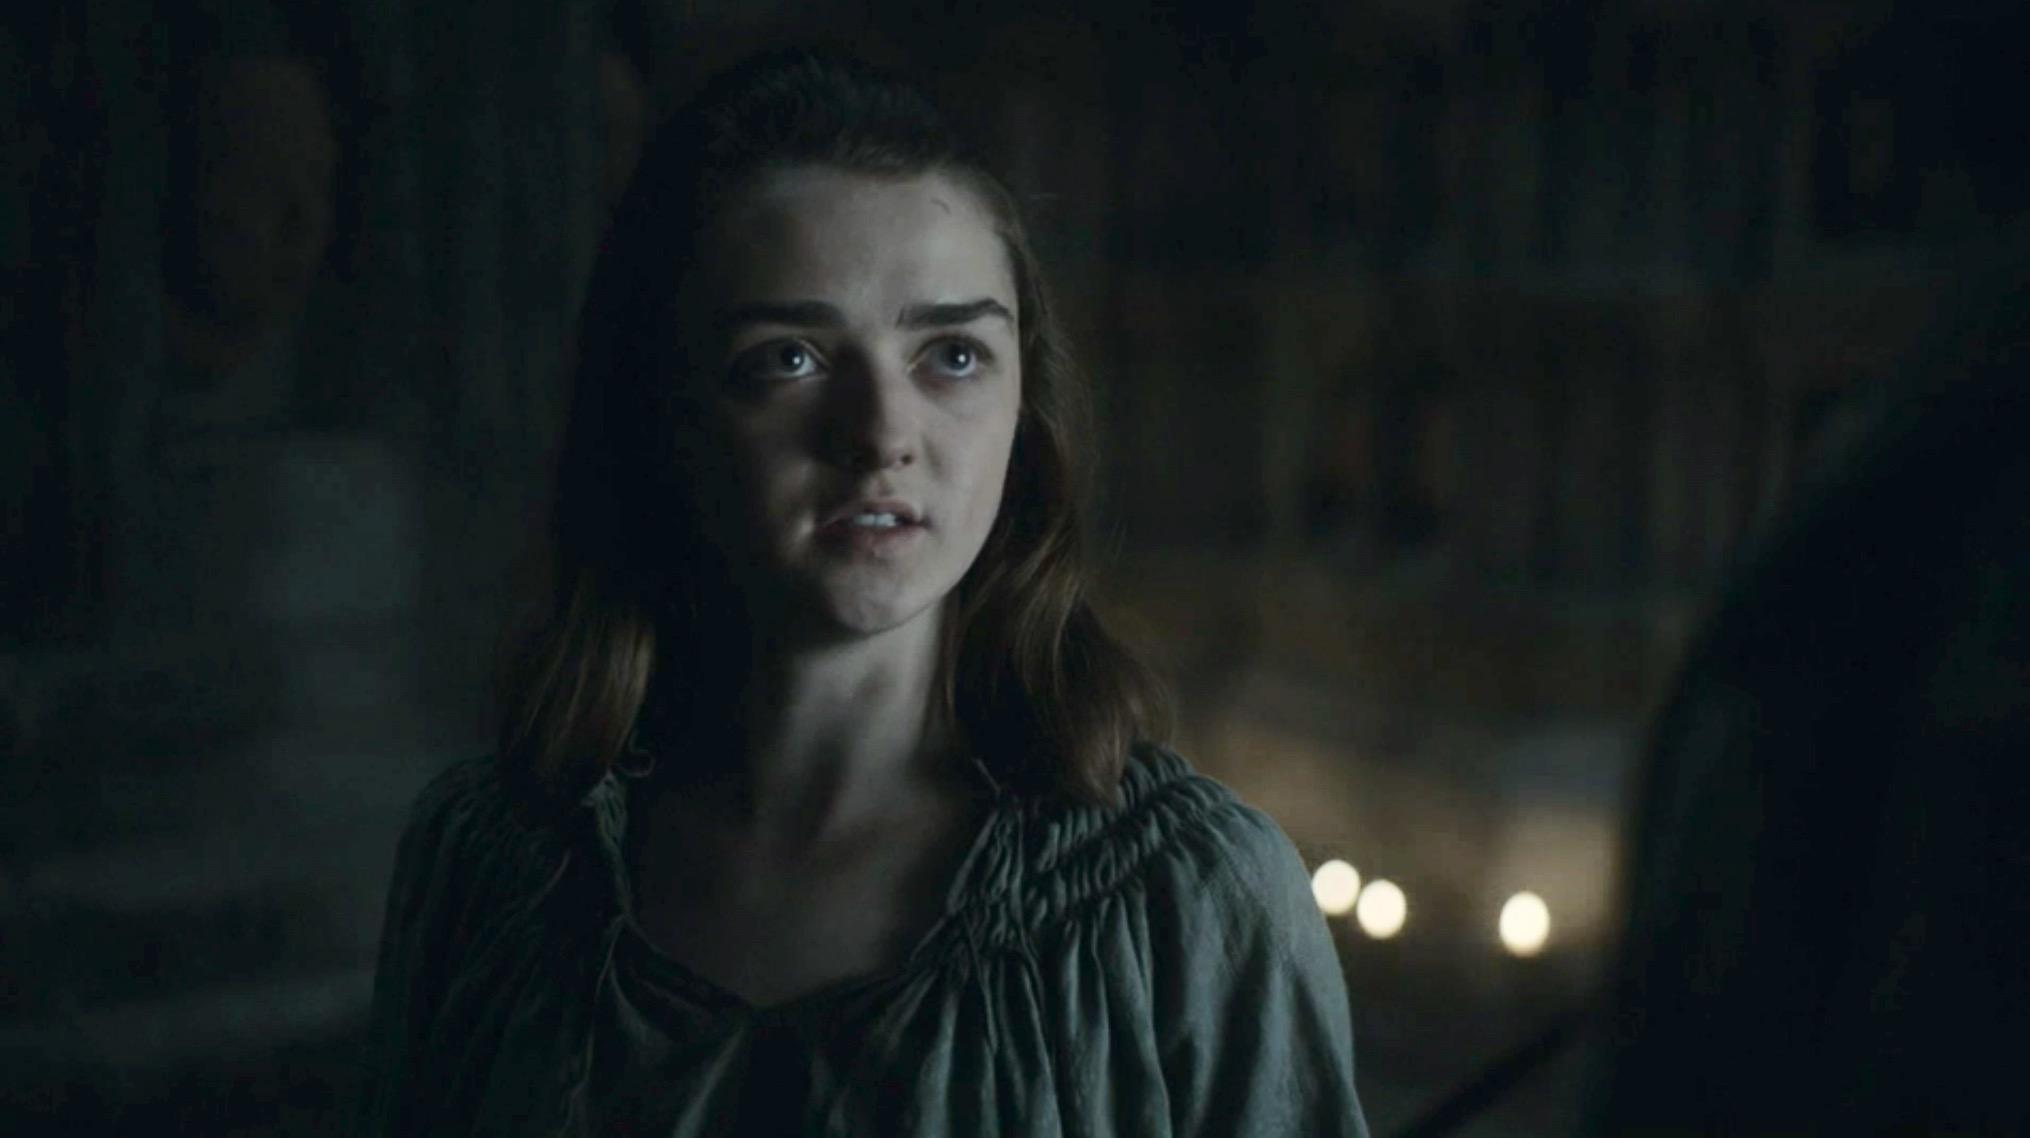 Arya Stark: a guerreira de 'Game of Thrones' de a volta por Westeros em busca de abrigo e justiça (Foto: Divulgação )